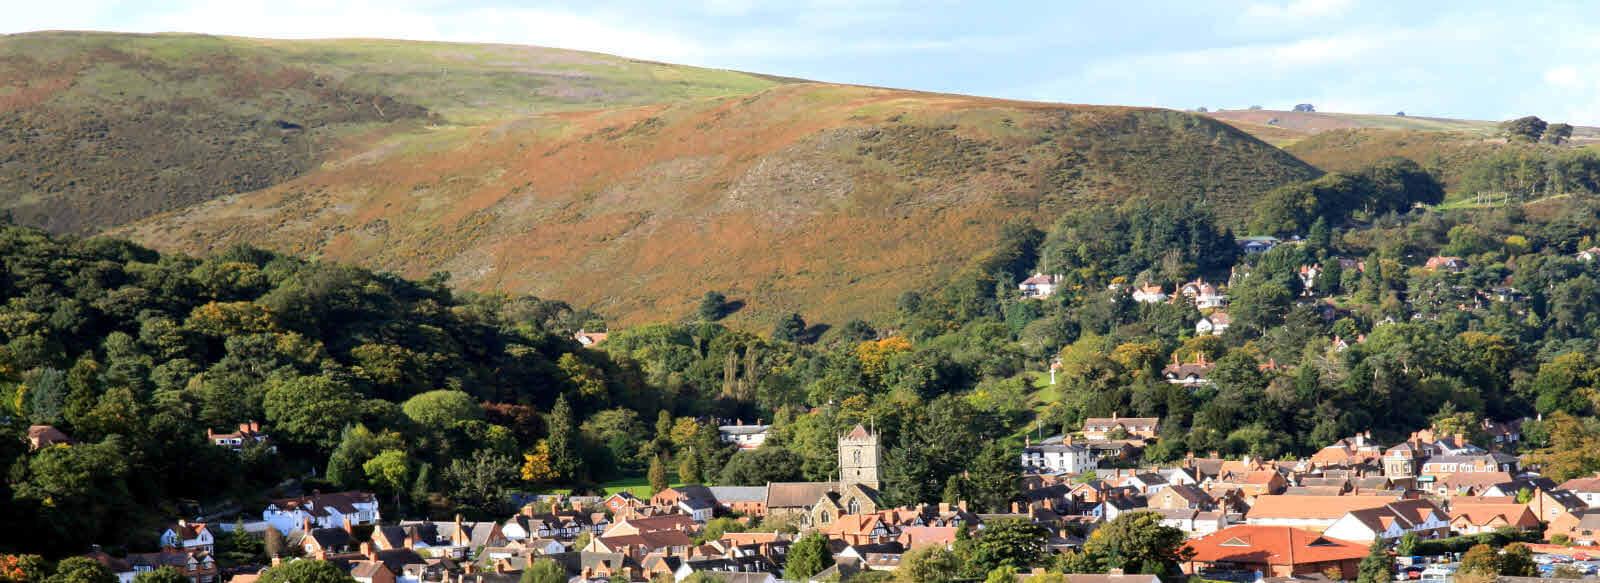 Shropshire Hills